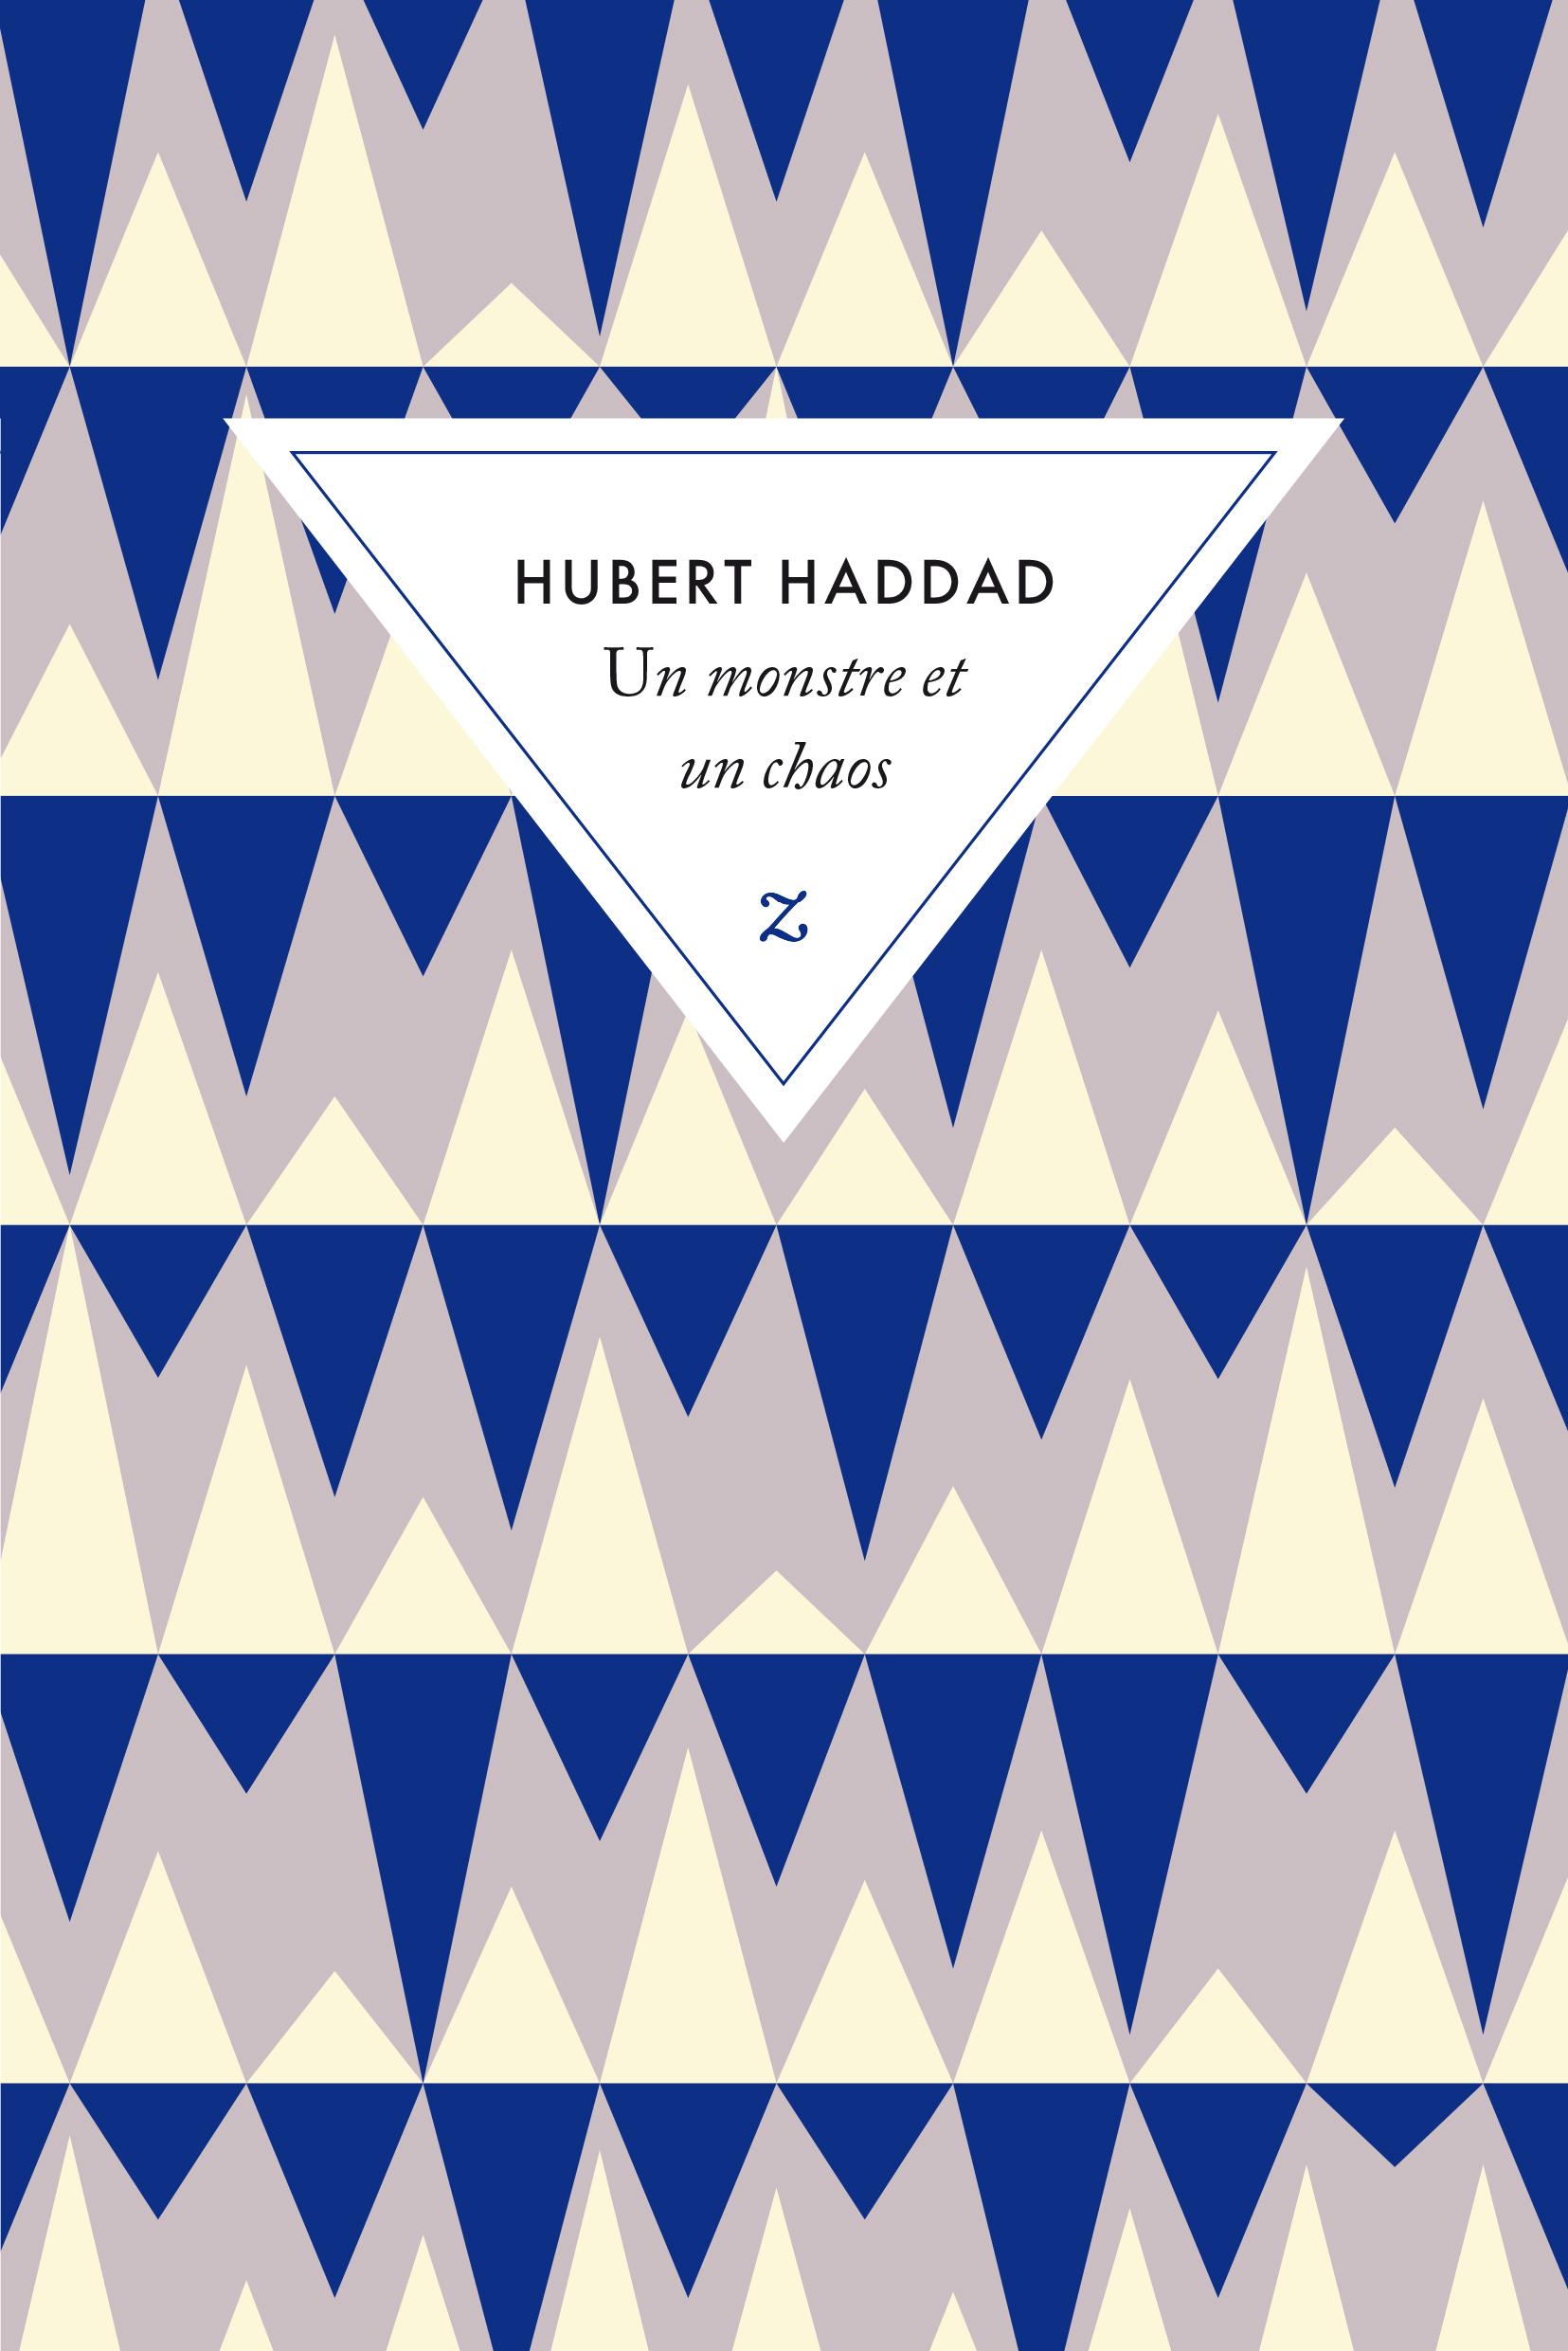 Un monstre et un chaos Hubert Haddad